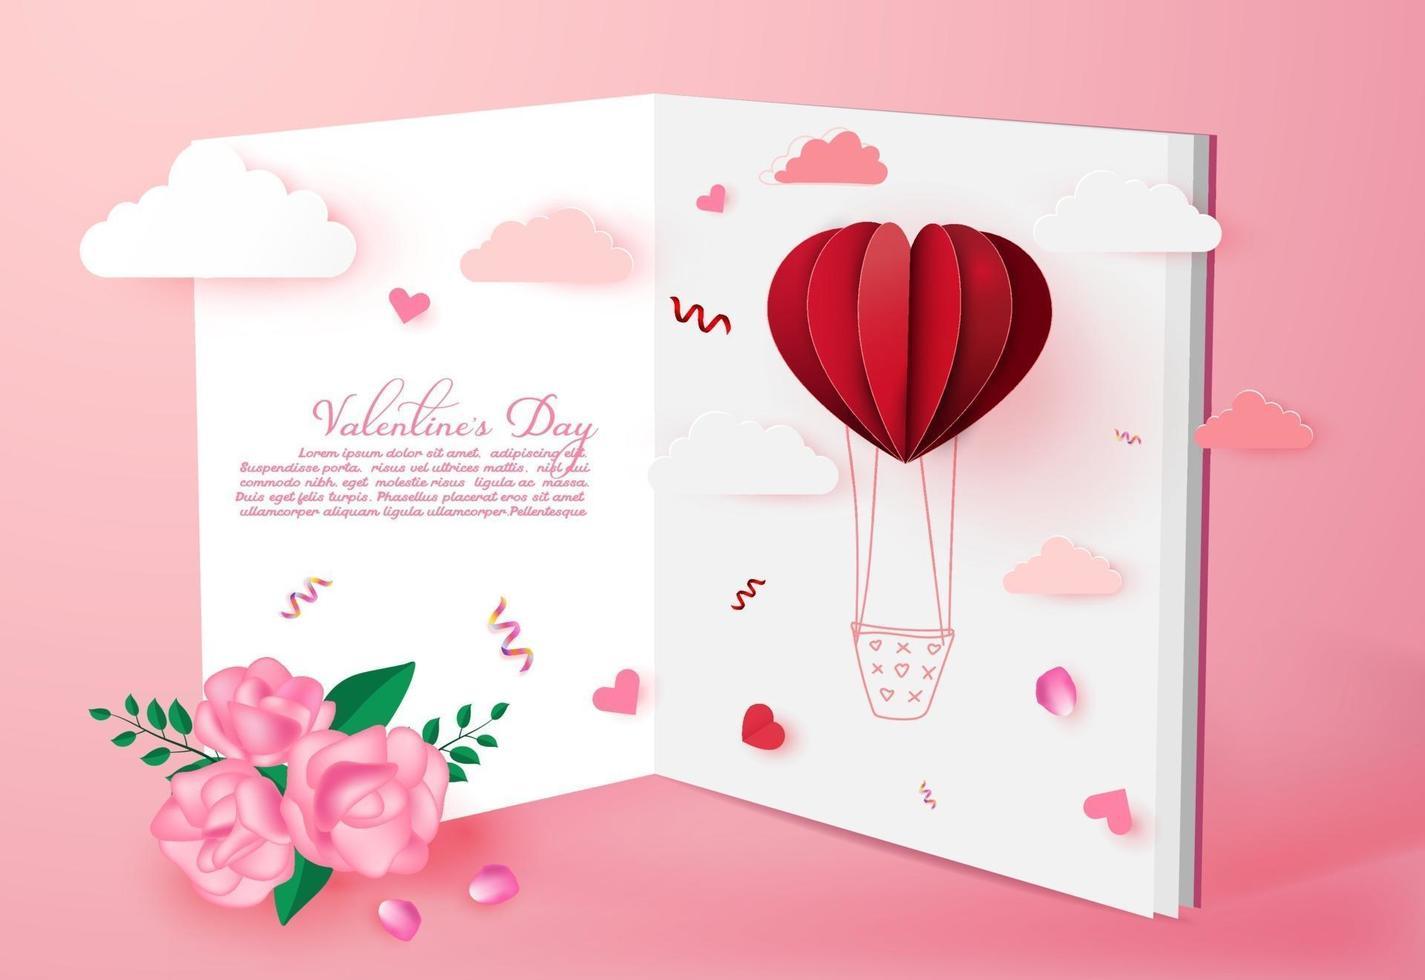 San Valentino amore sfondo carta di invito con origami palloncino a forma di cuore su cloud.paper stile art. vettore